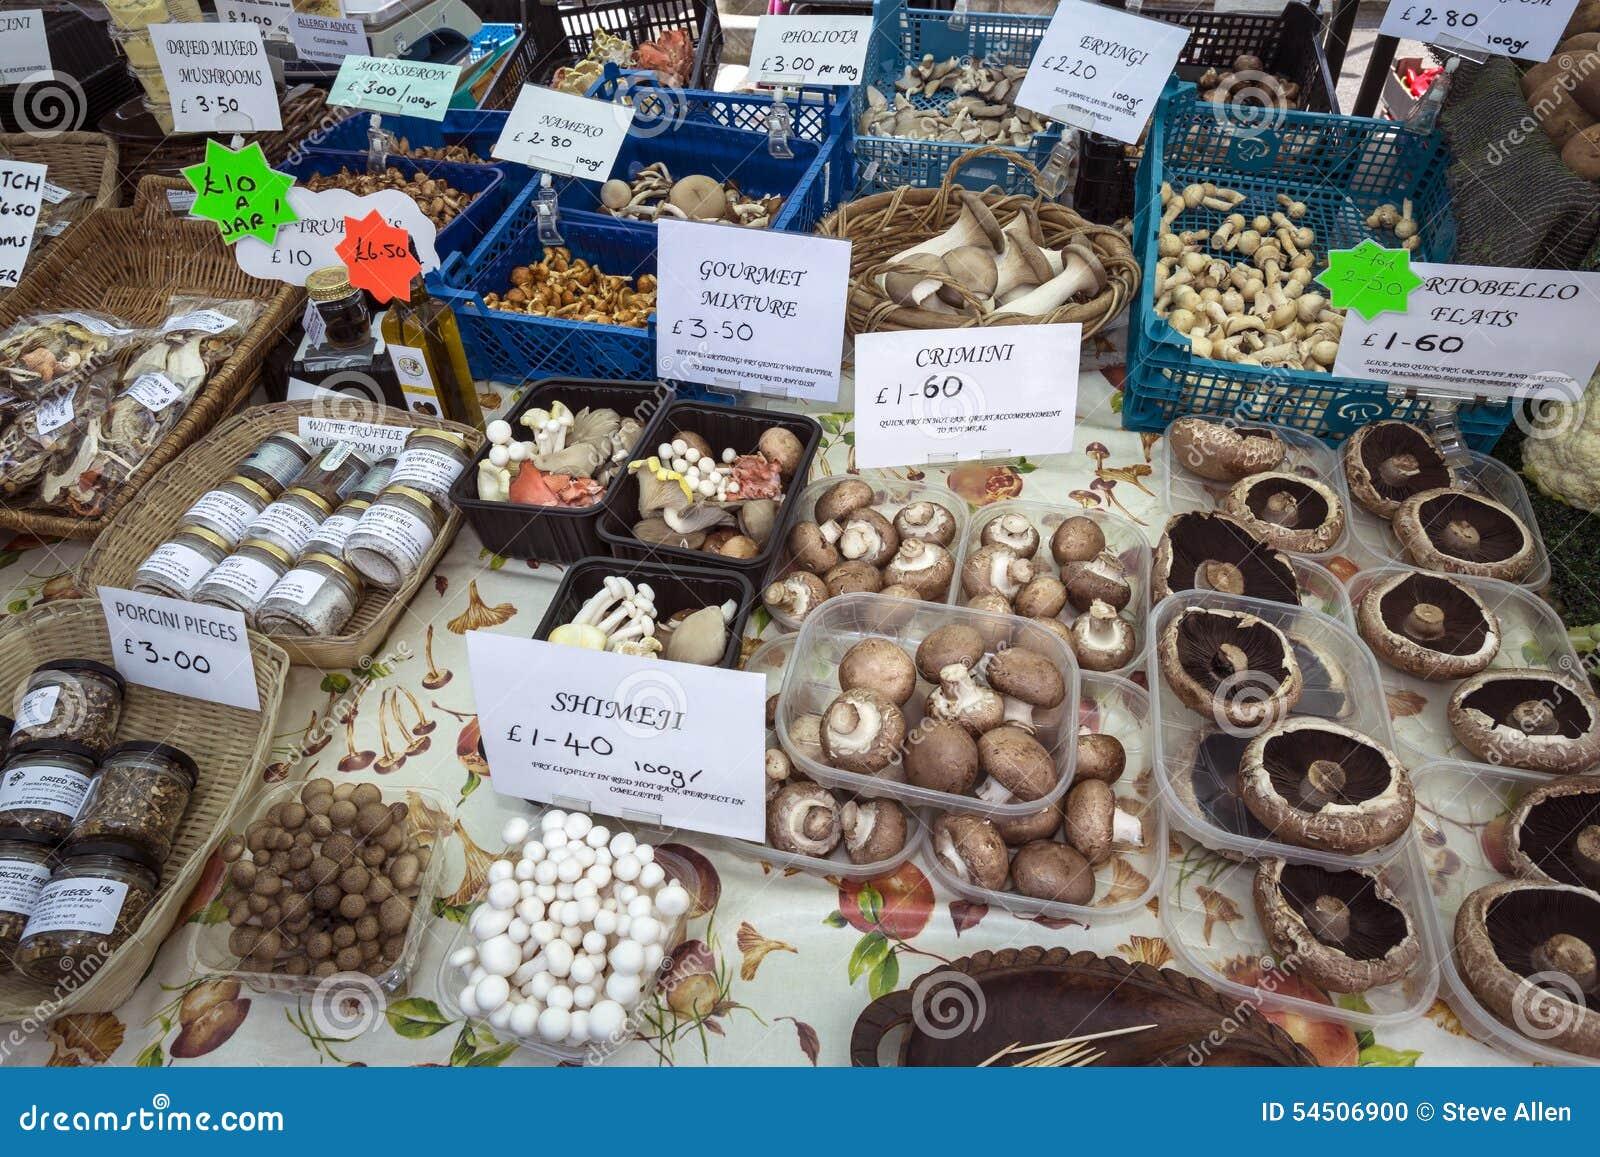 Malton Food Market